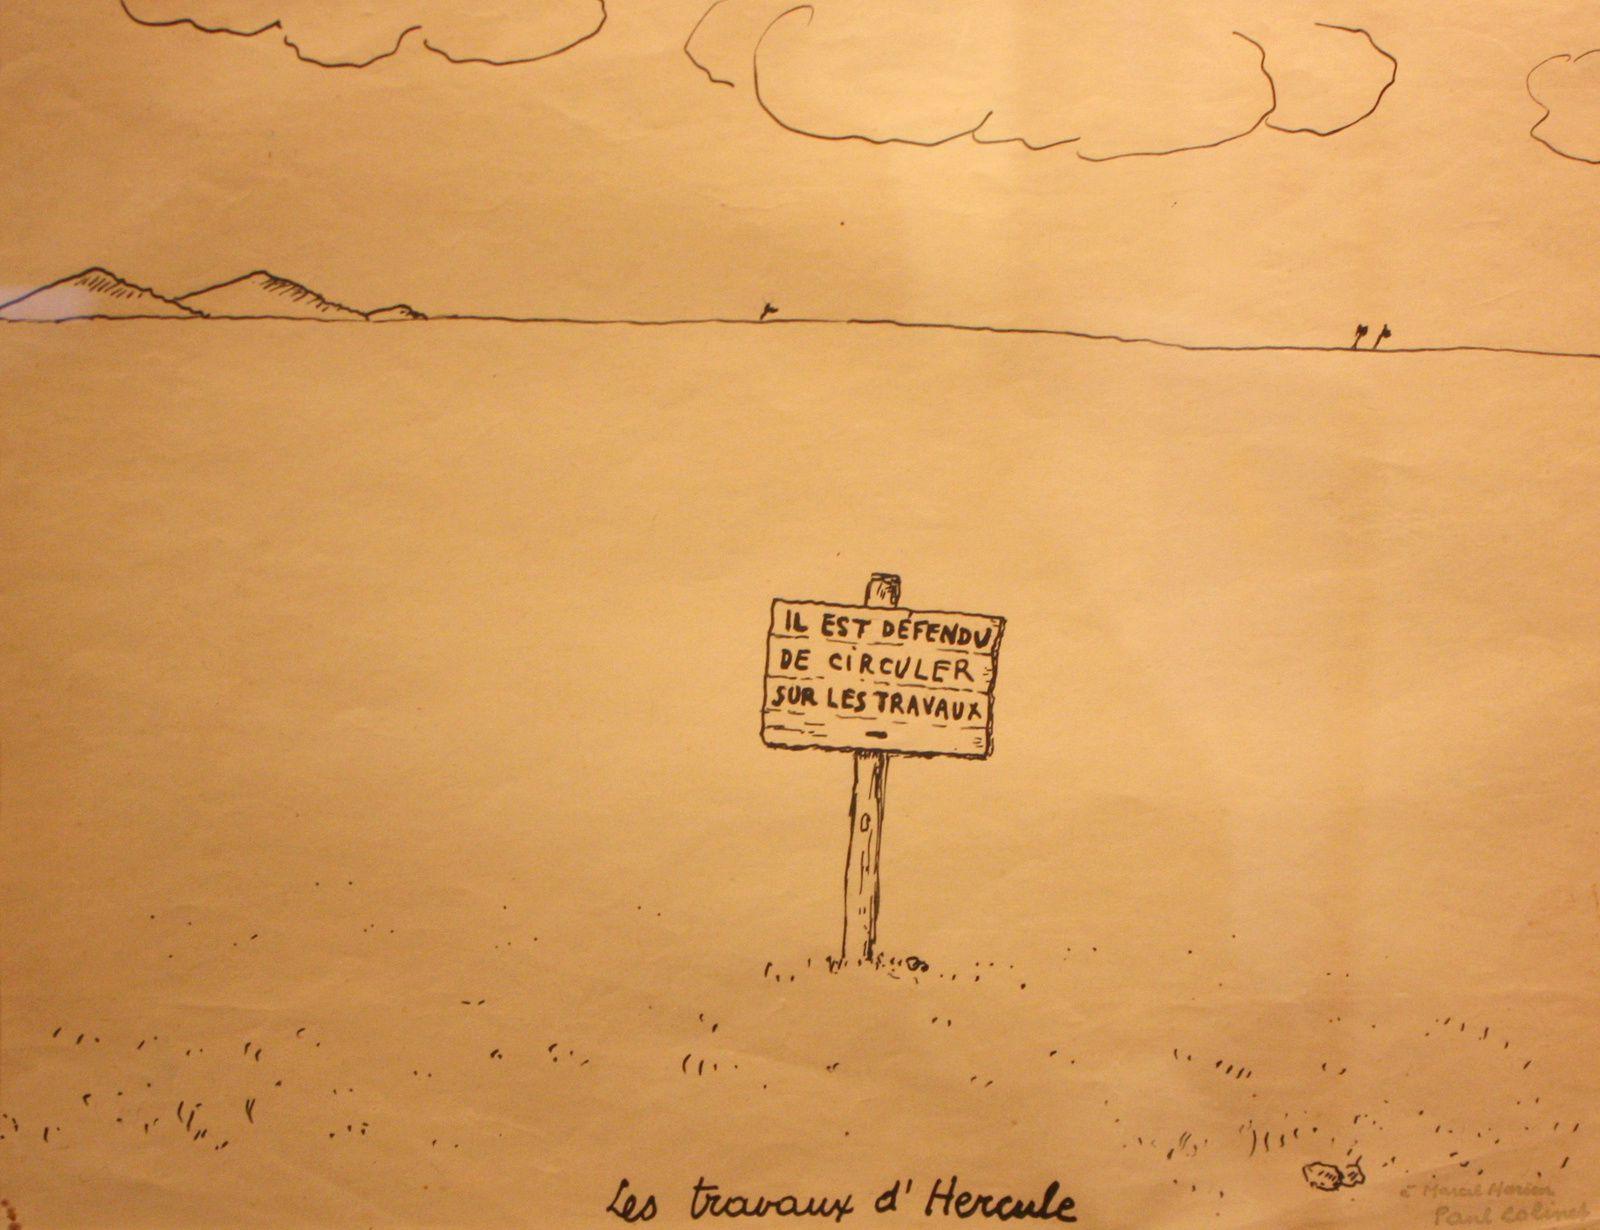 Paul Colinet, les travaux d'hercule, 1942